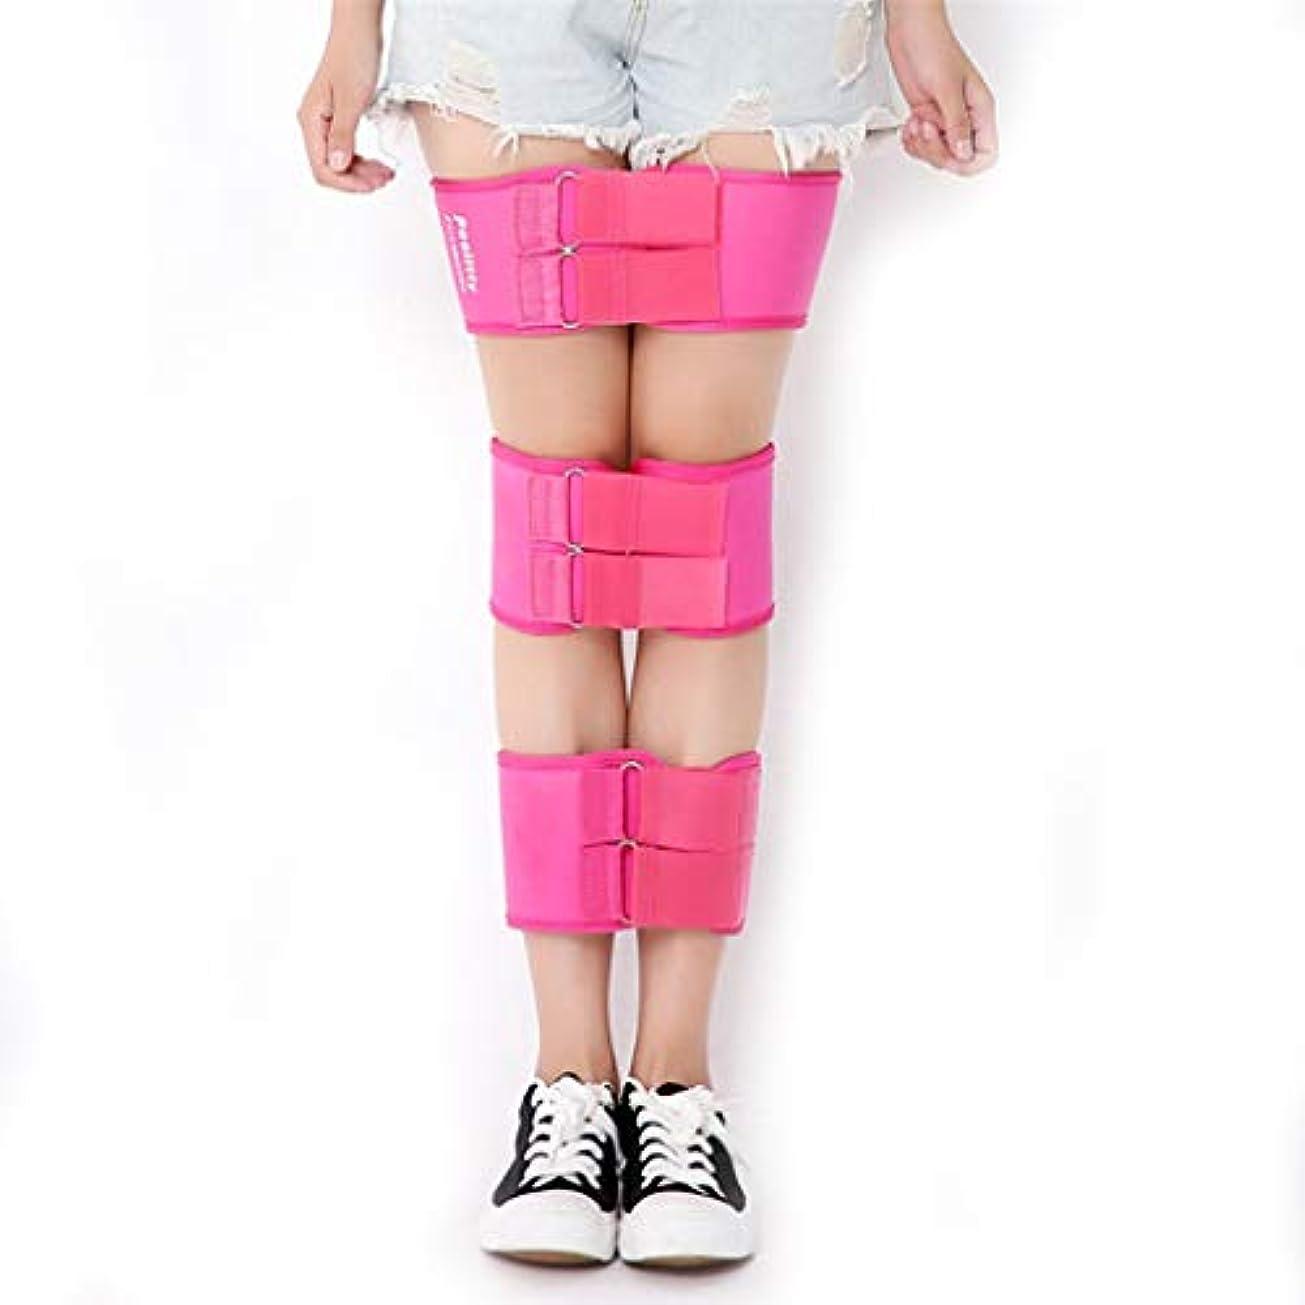 眉聖書尾サポートレッグストラップ、正しい脚の形、3つの独立したストラップ、通気性、調節可能、子供、学生、青少年、男女兼用。,Pink